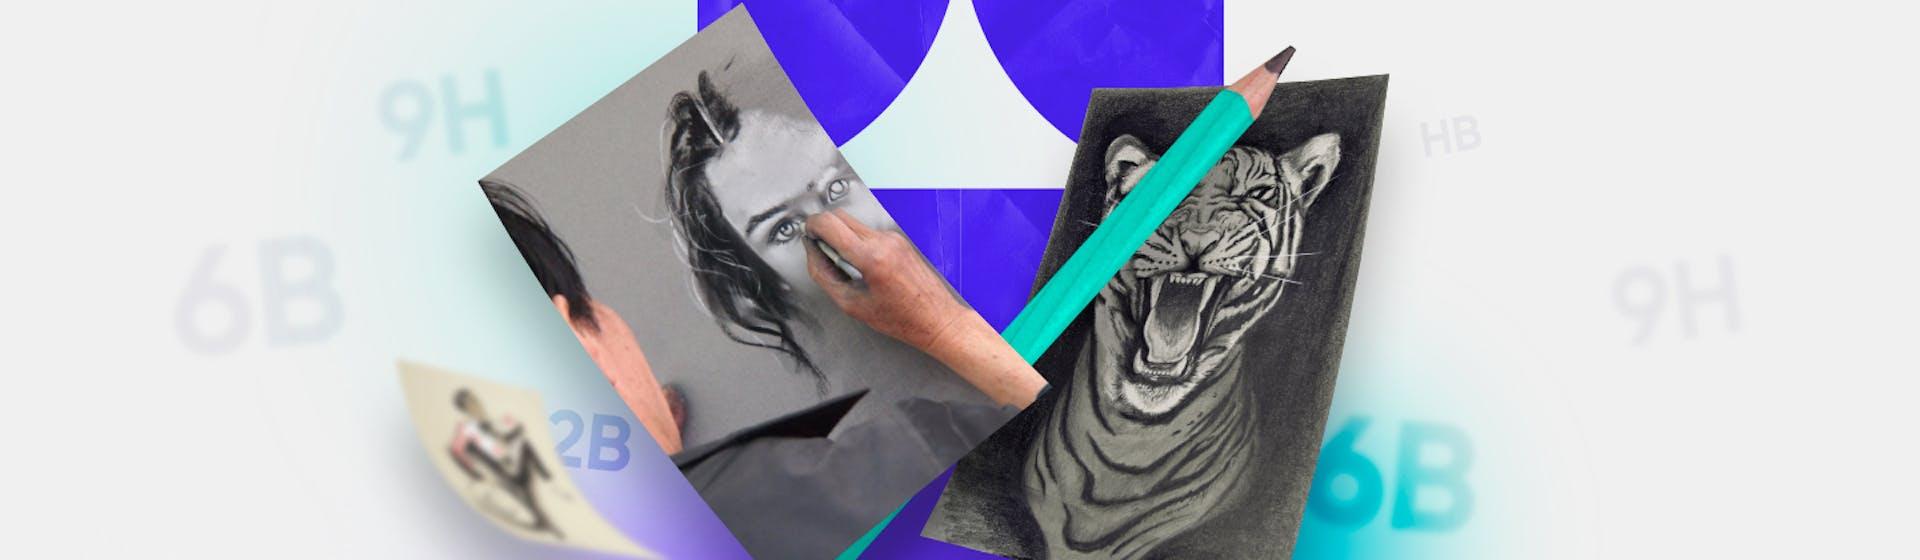 ¿Qué lápices se usan para dibujar retratos? ¡Tu estilo y técnica lo deciden!